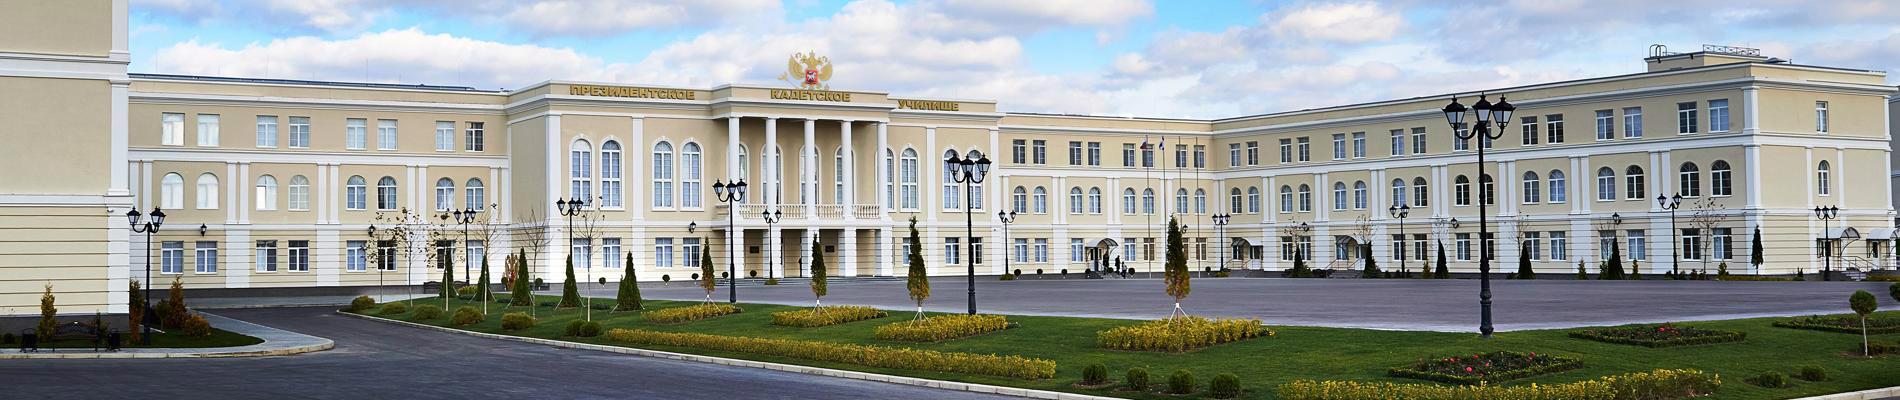 Филиал московской академии в севастополе официальный сайт сделать сайт картинка в картинке